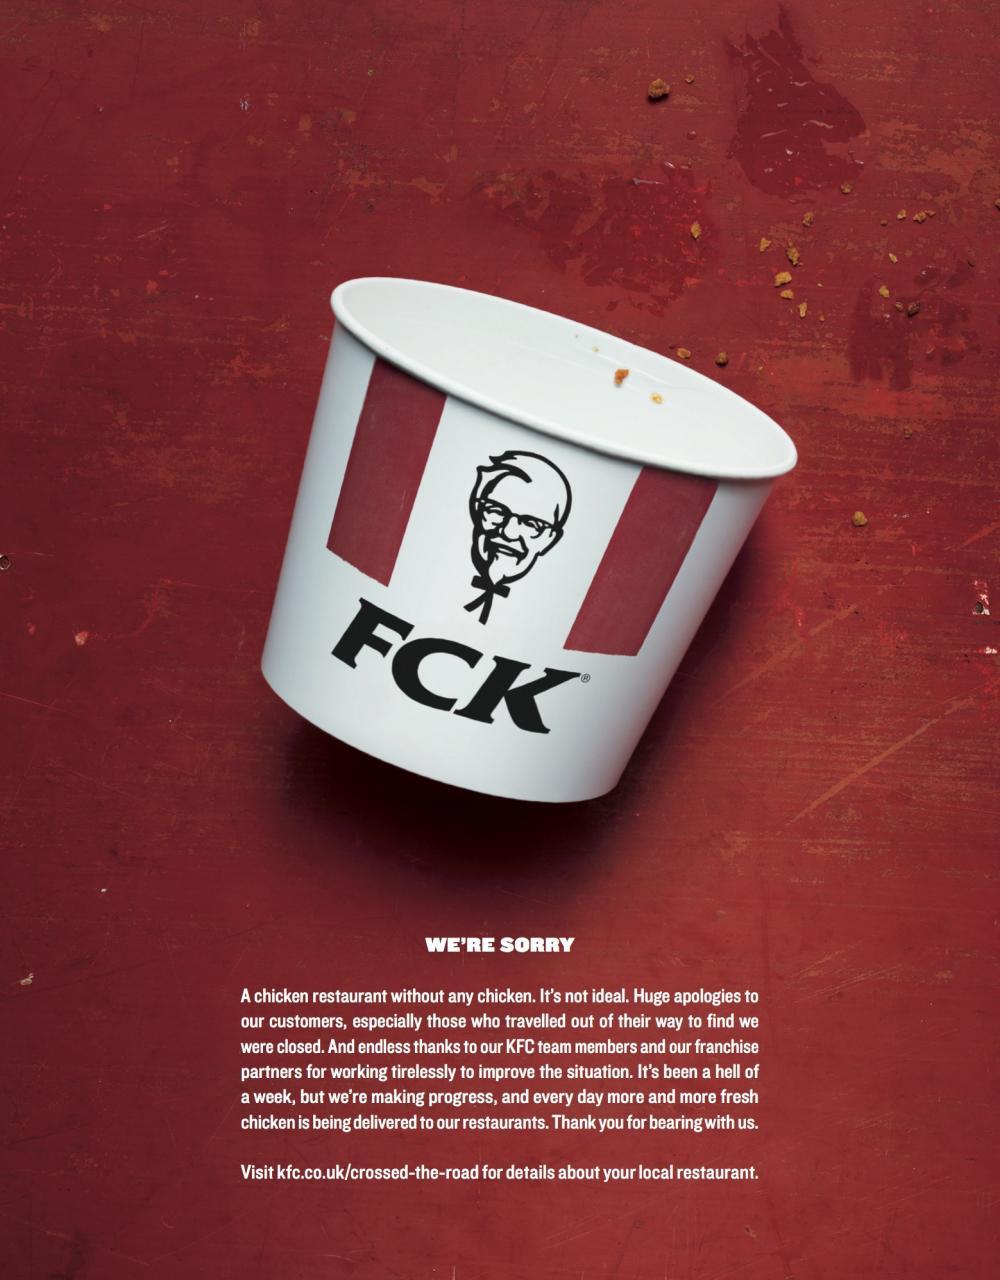 """Η υποδειγματική """"Συγγνώμη"""" από τα KFC για το κλείσιμο καταστημάτων"""